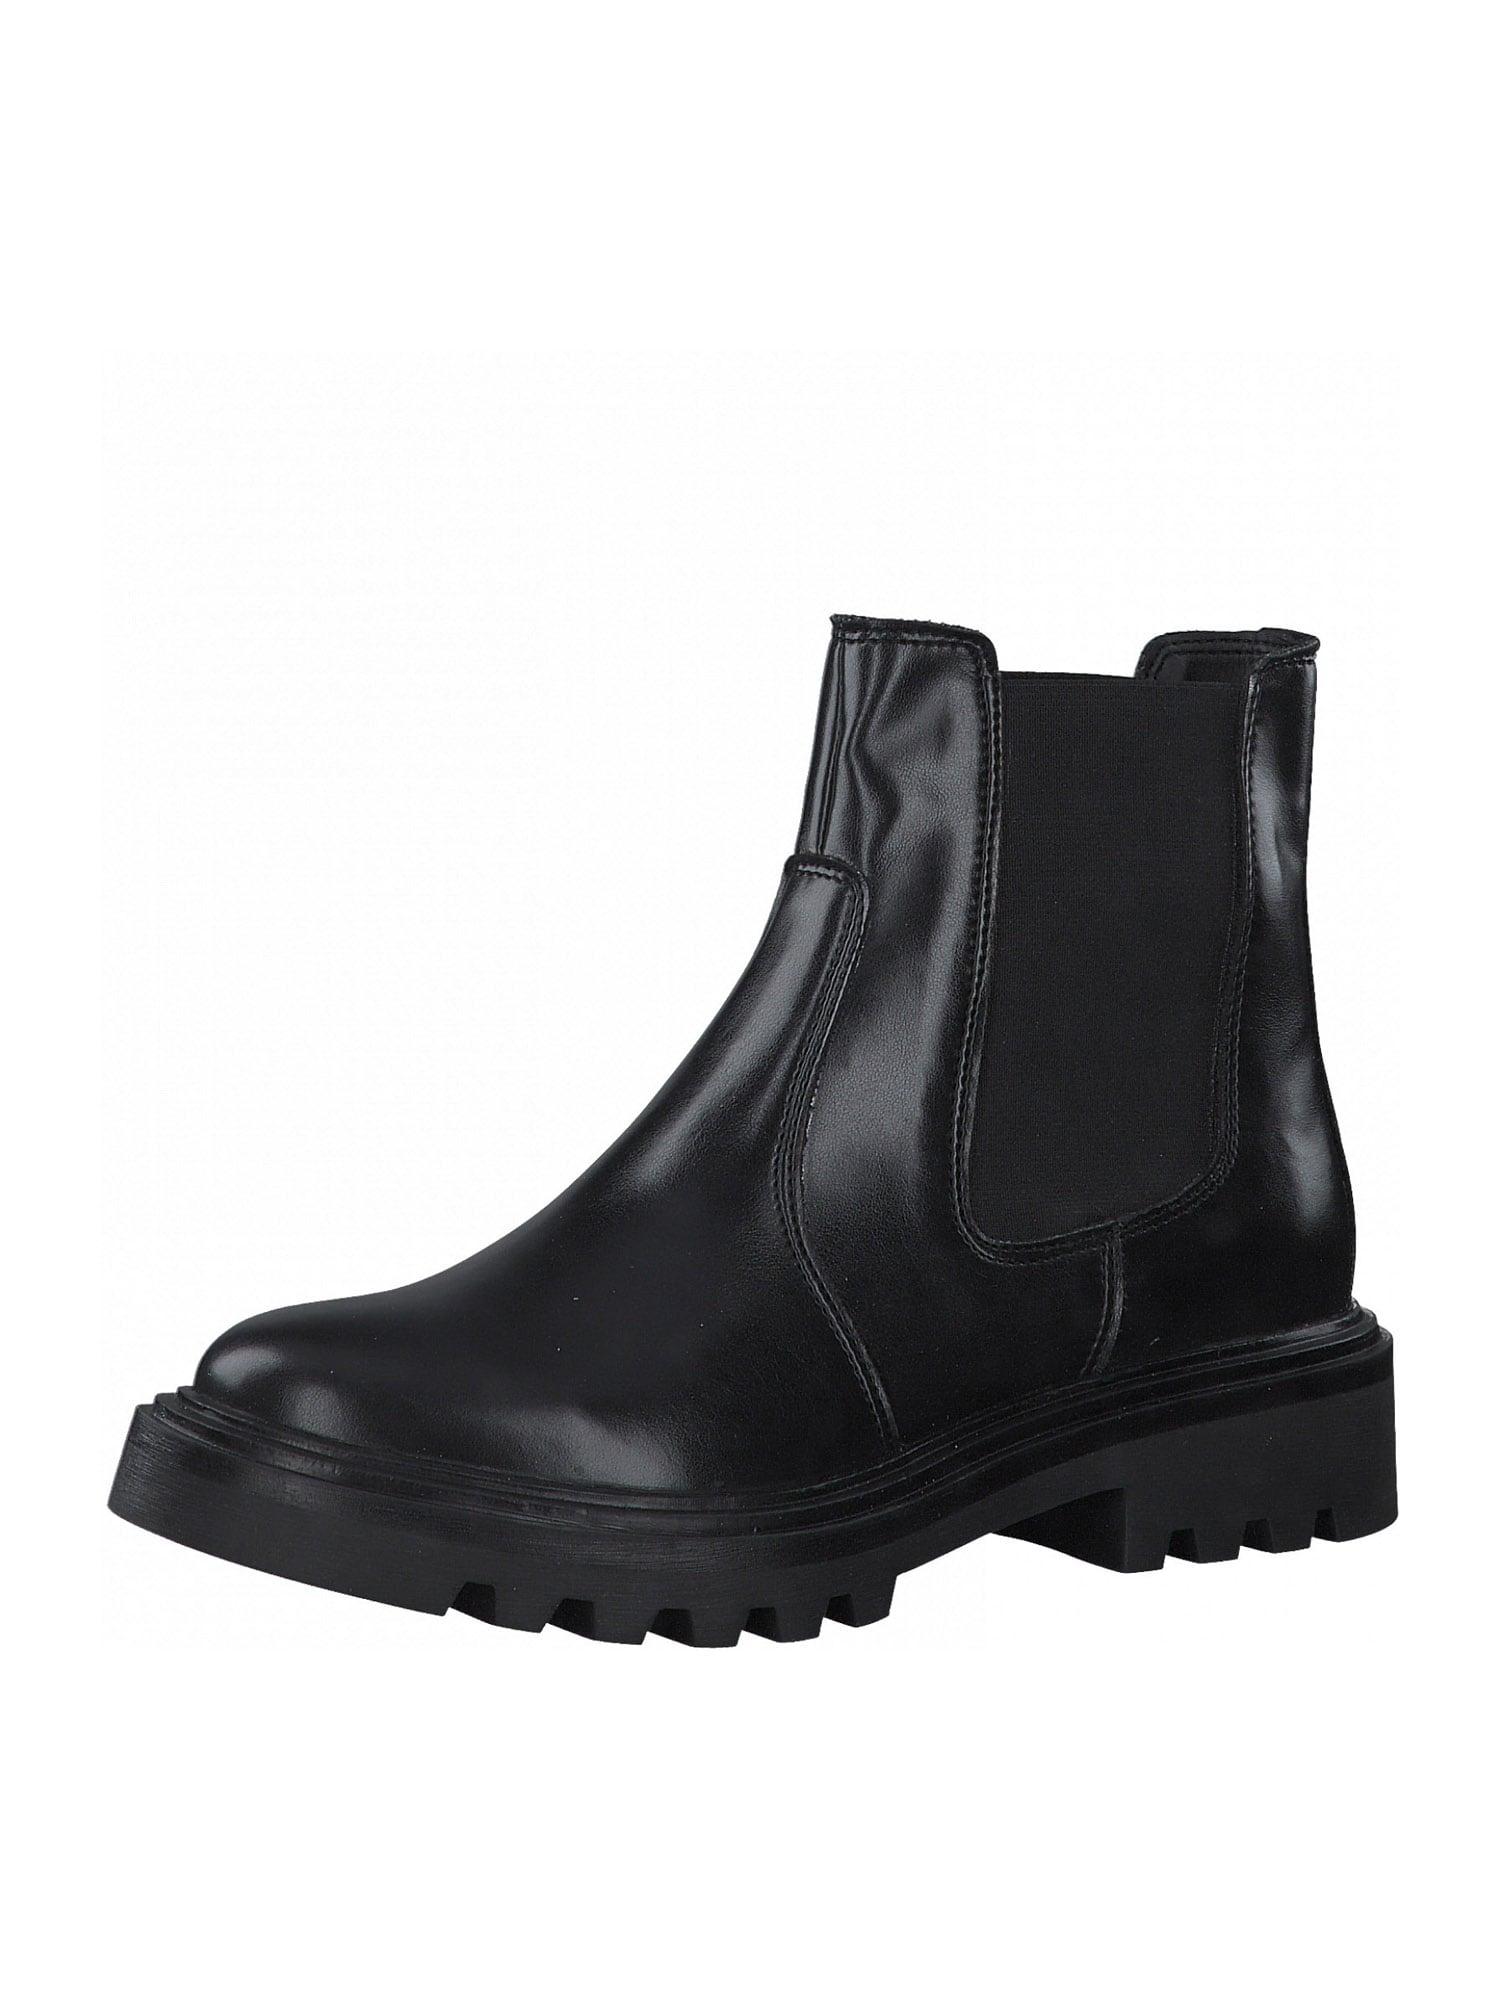 TAMARIS Chelsea Boots  - Noir - Taille: 40 - female